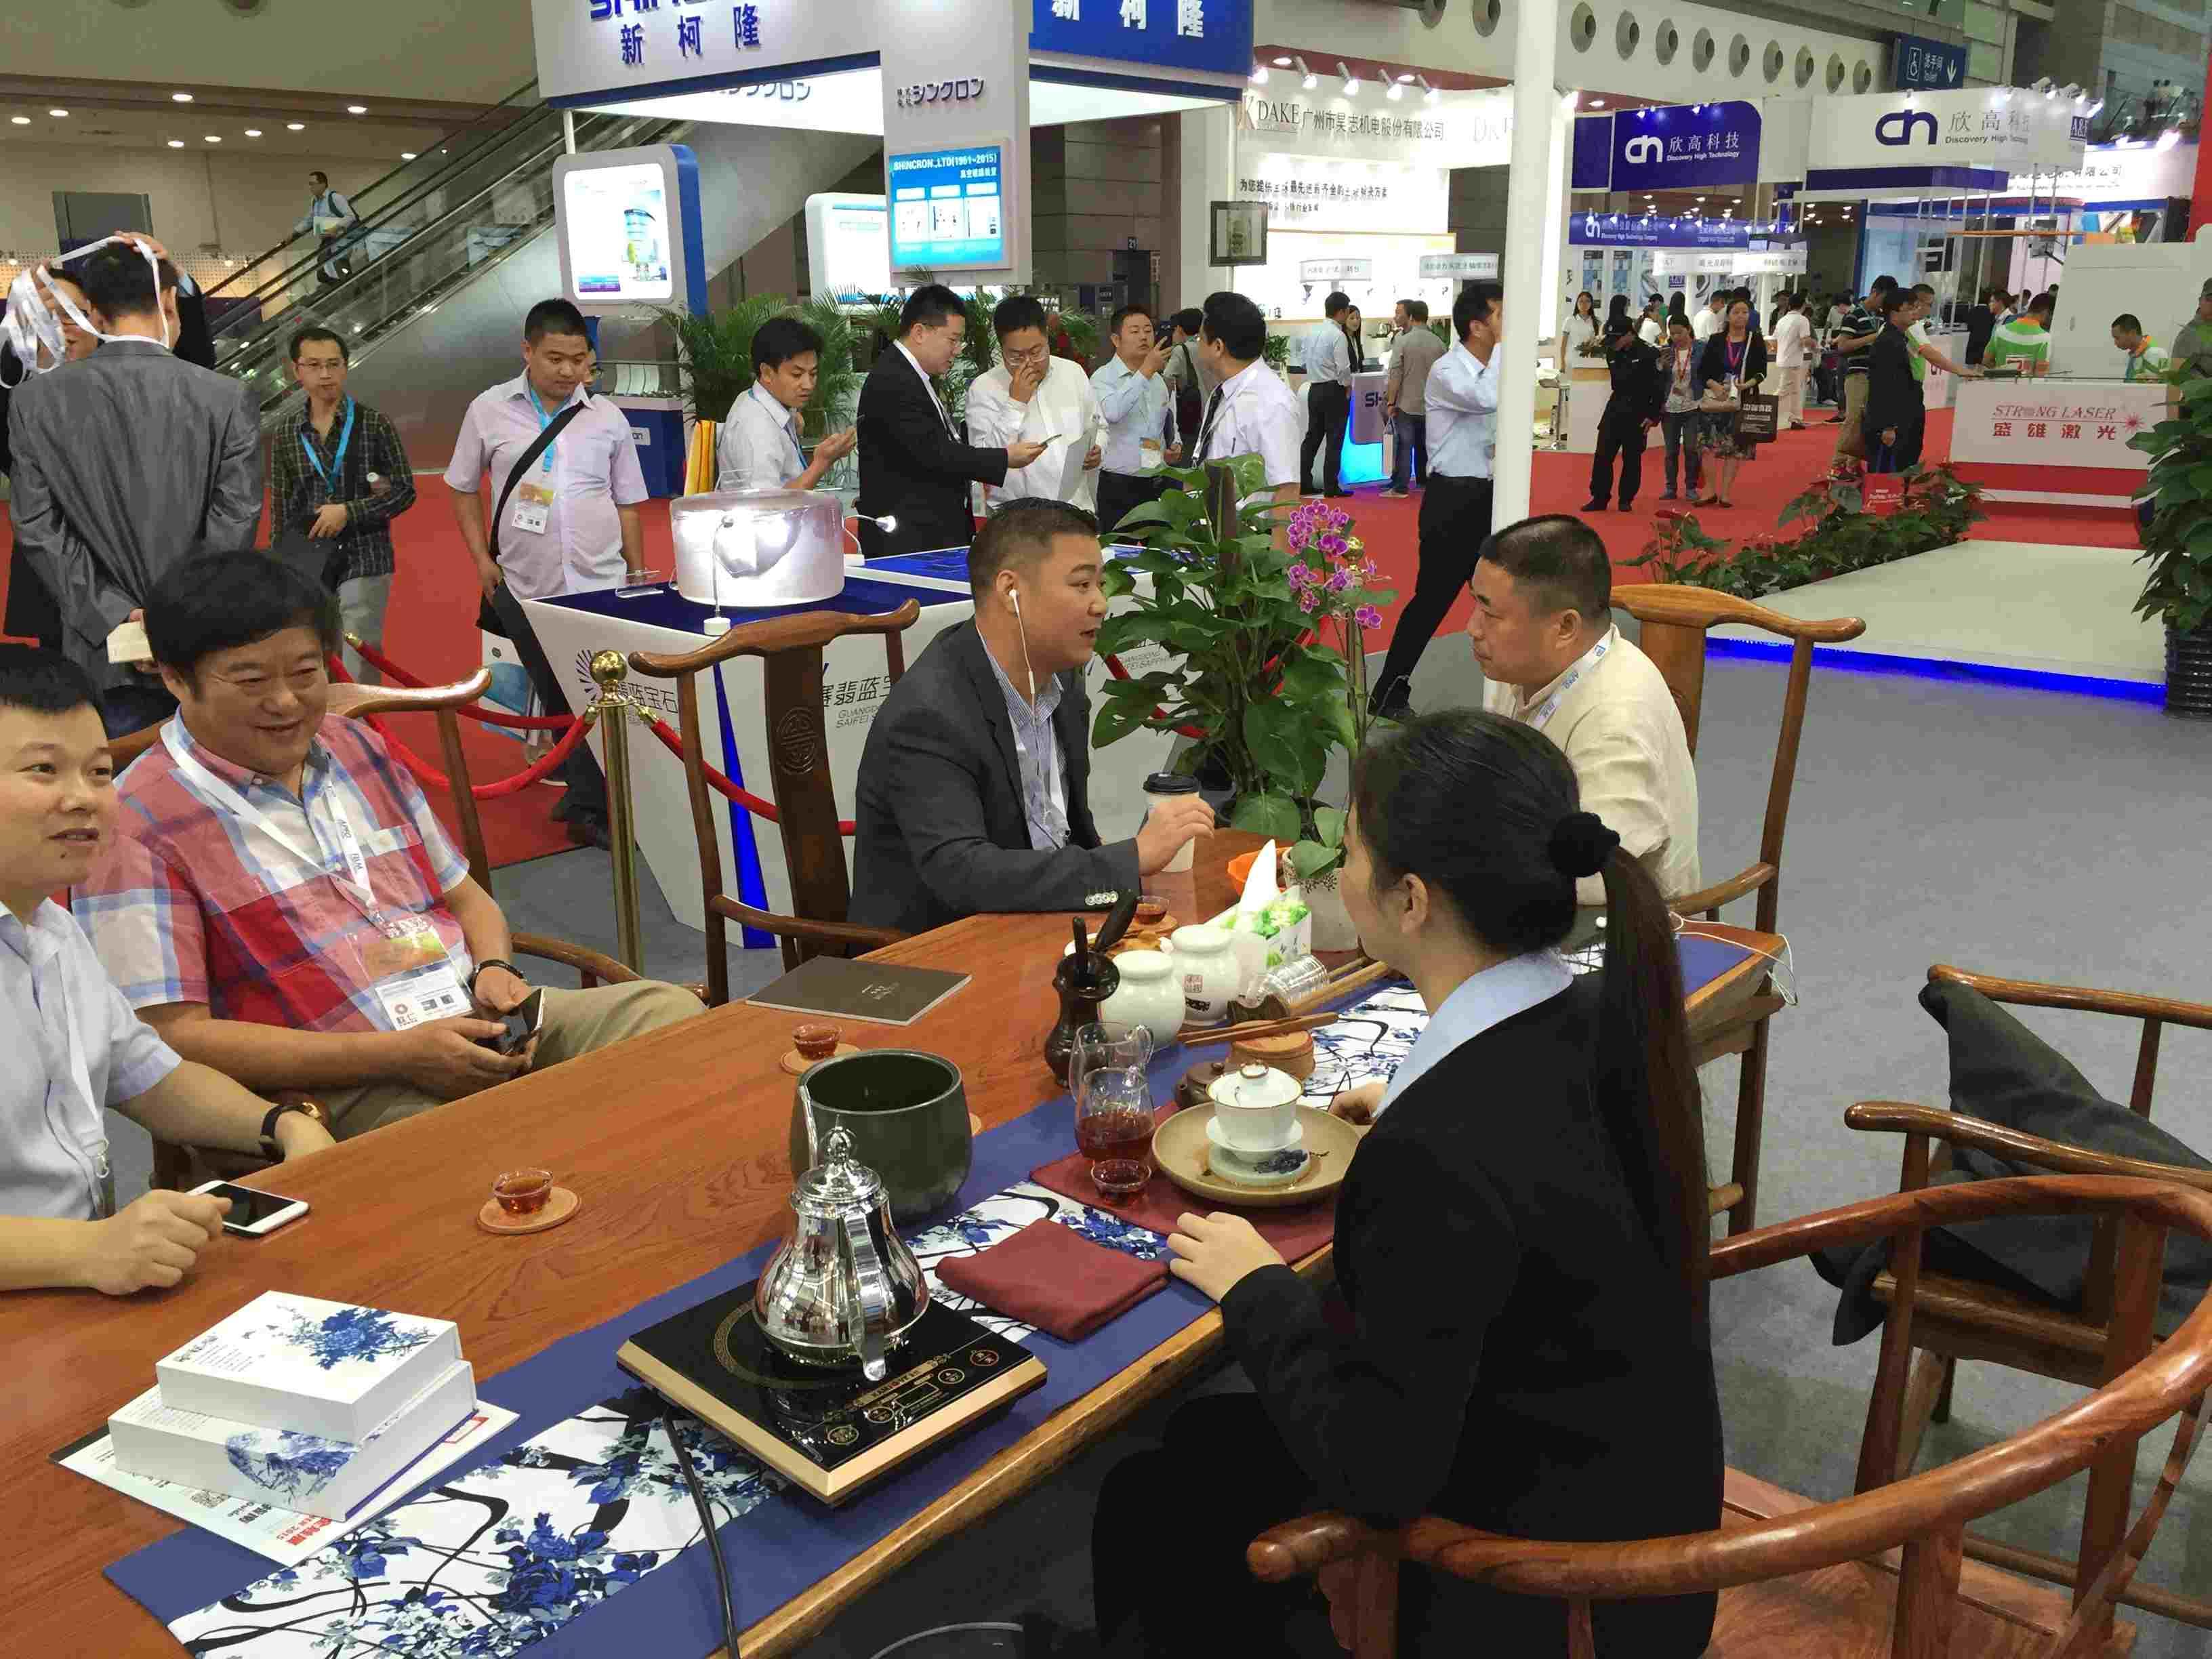 参加2015第十五届深圳国际触摸屏展览会